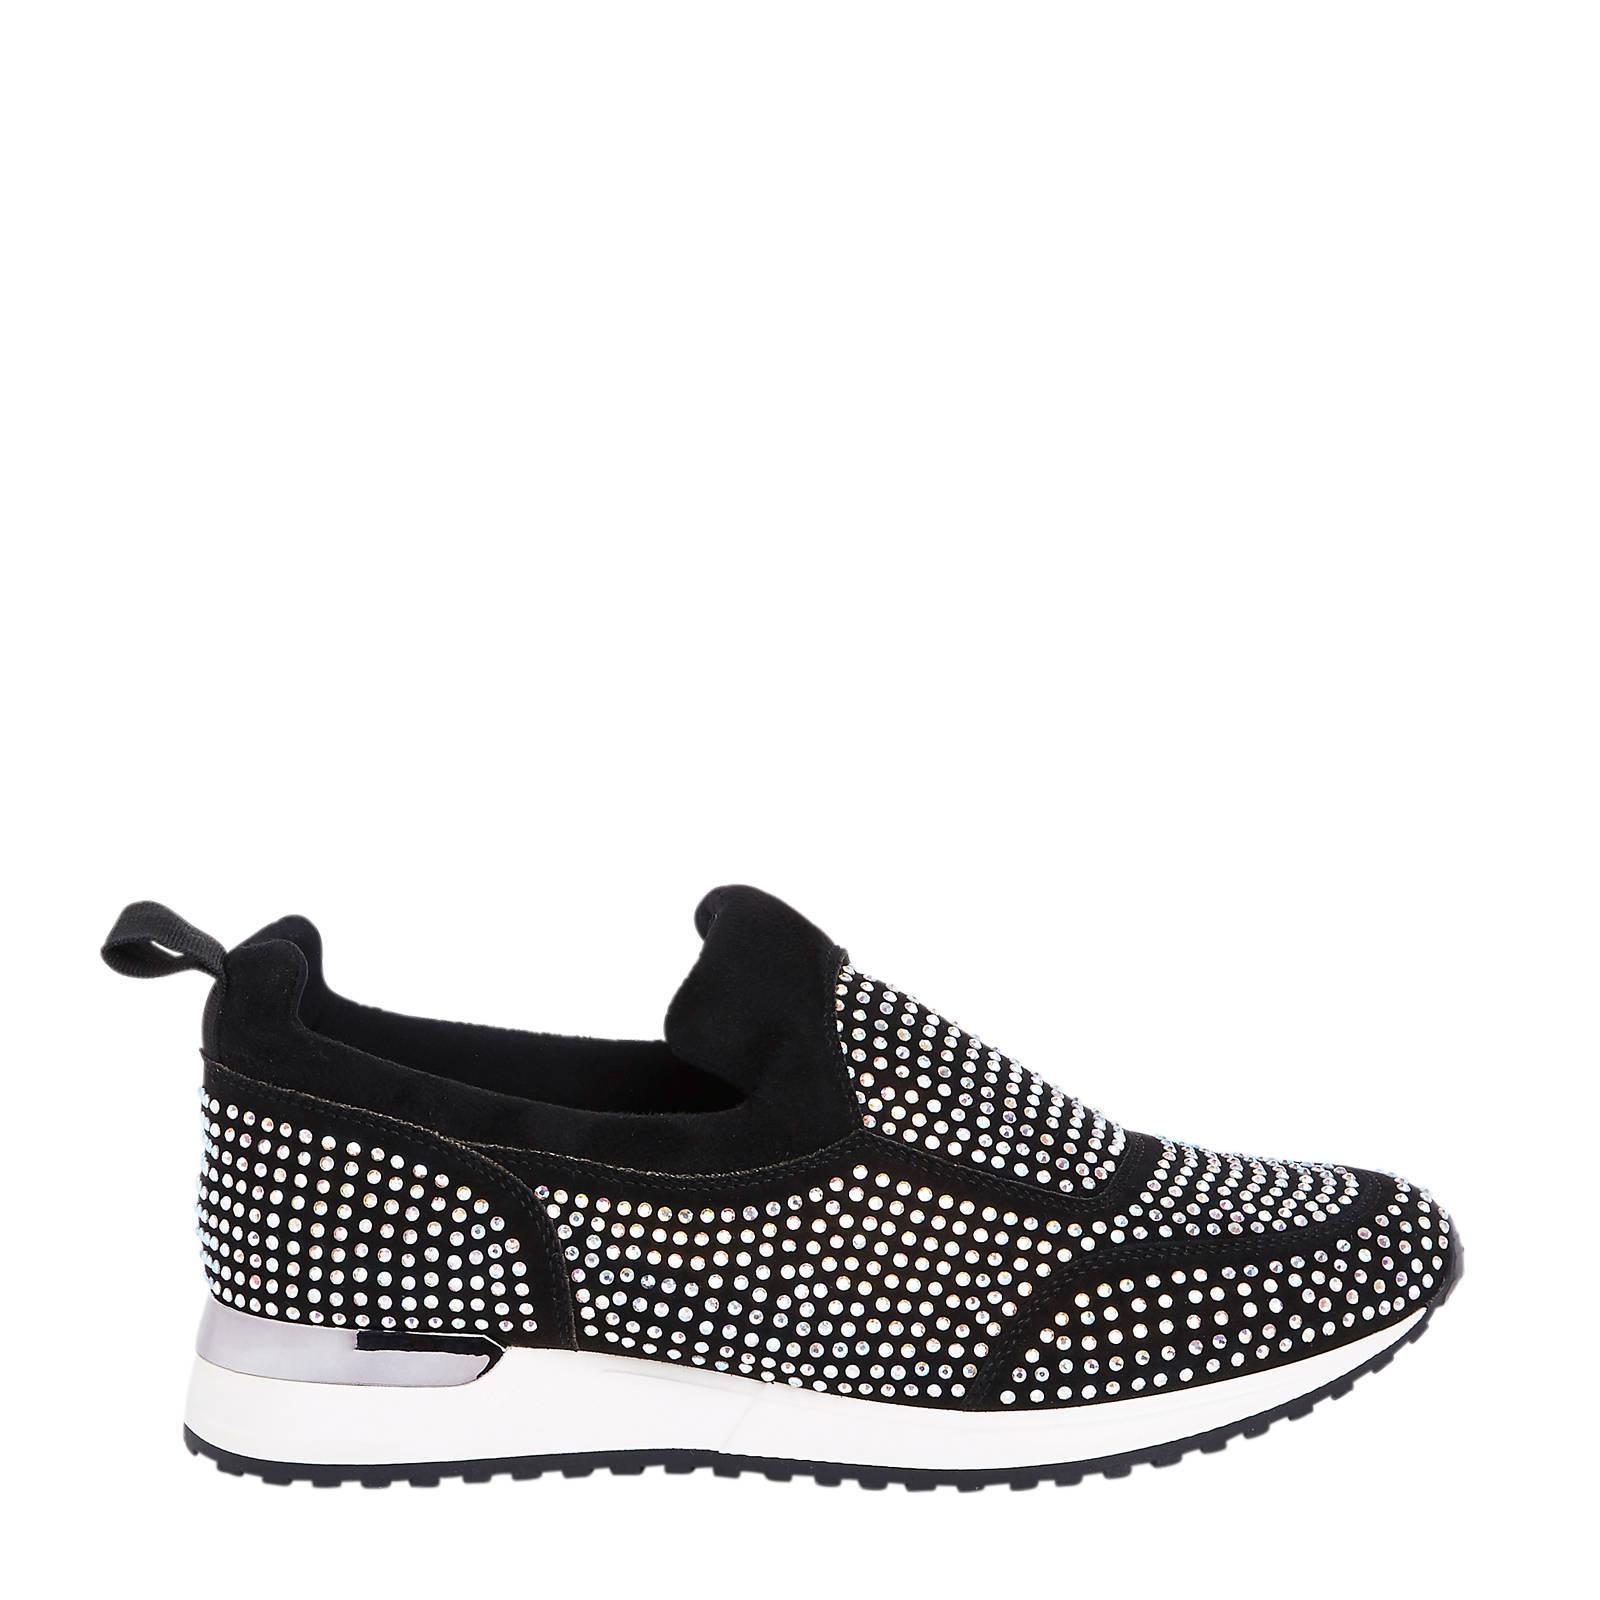 lopen new balance schoenen lekker